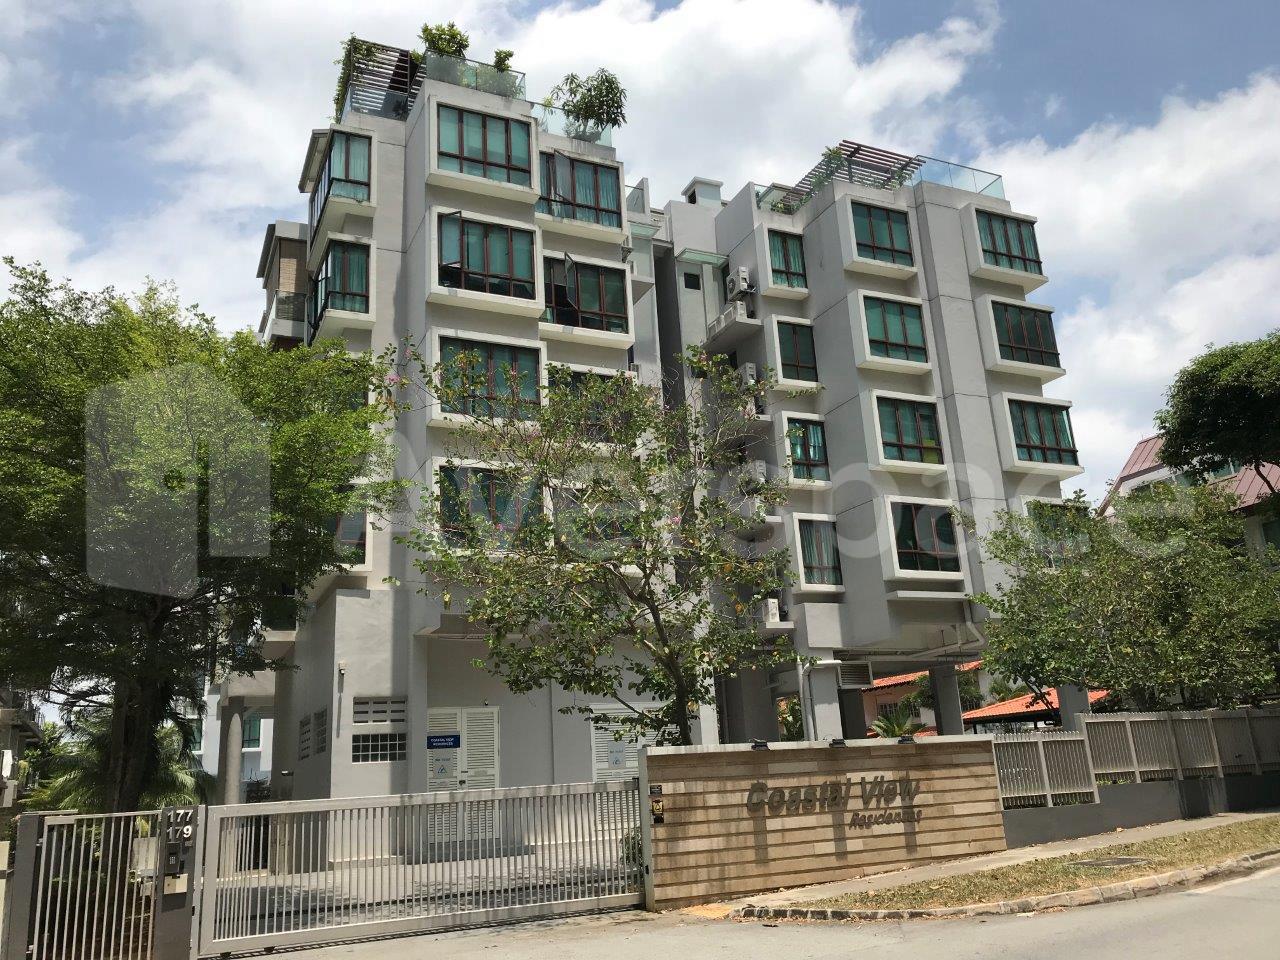 177 Jalan Loyang Besa, District 17 Singapore